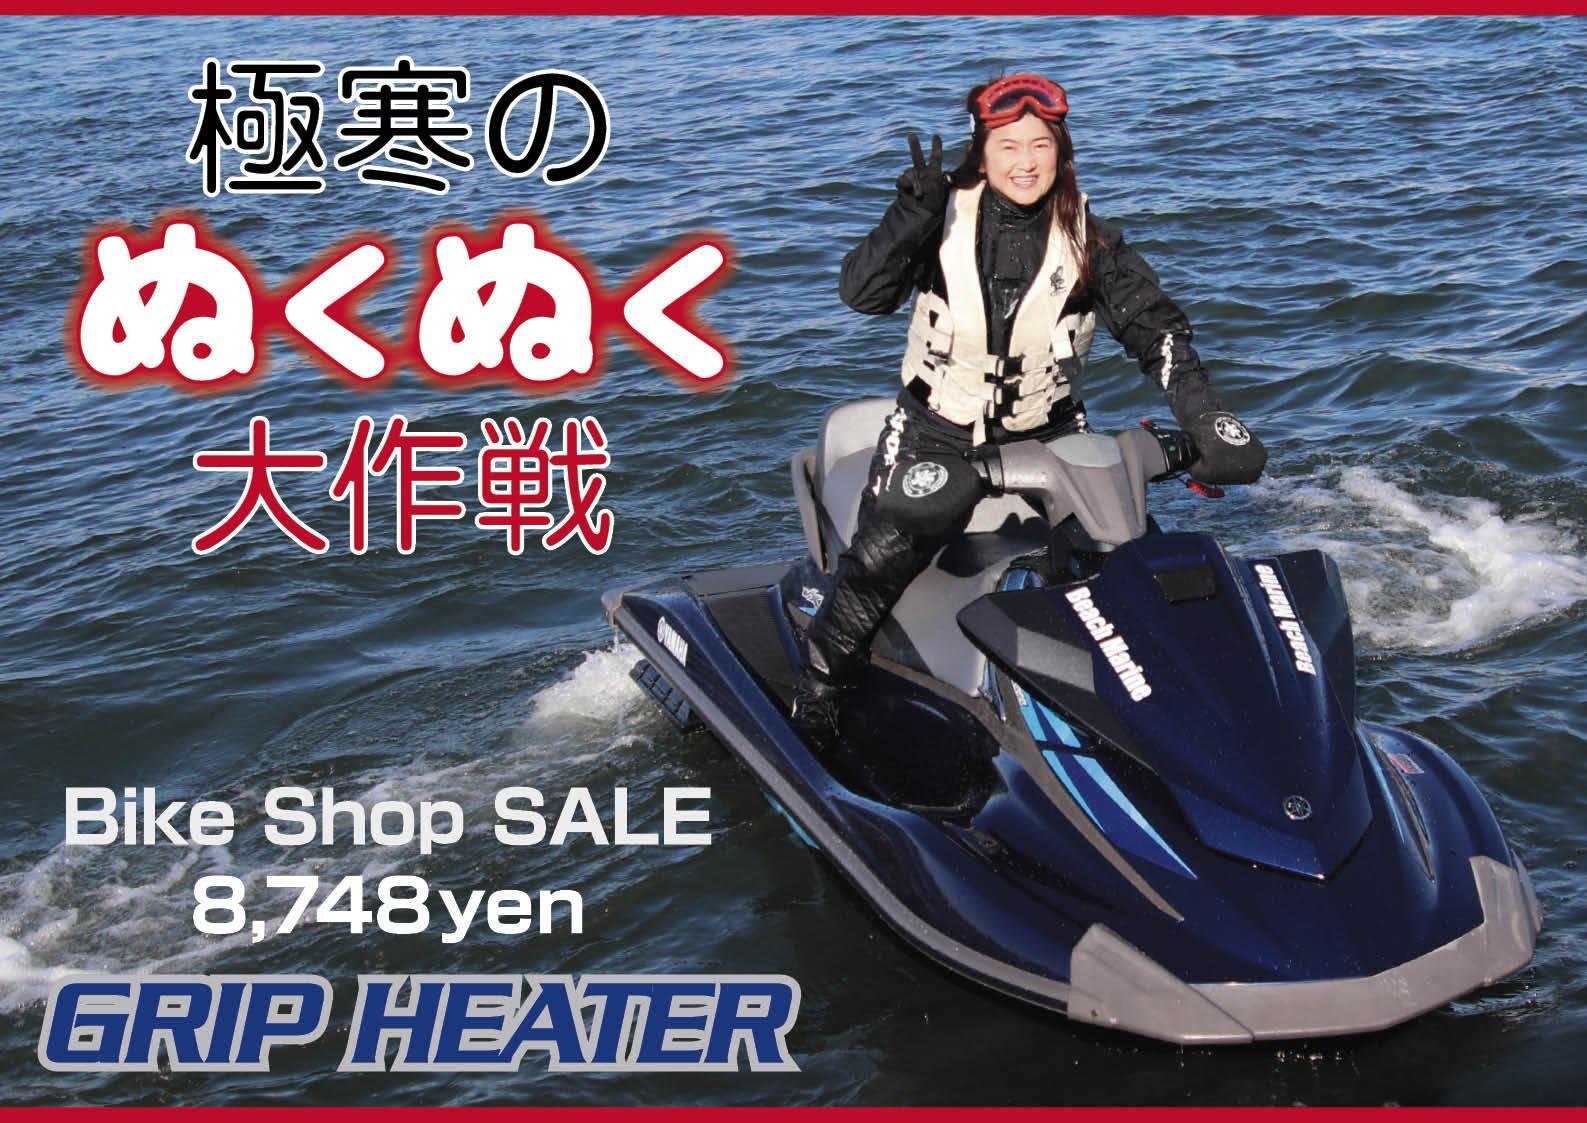 グリップヒーターで極寒でもぬくぬく大作戦 ジェットスキー(水上バイク)